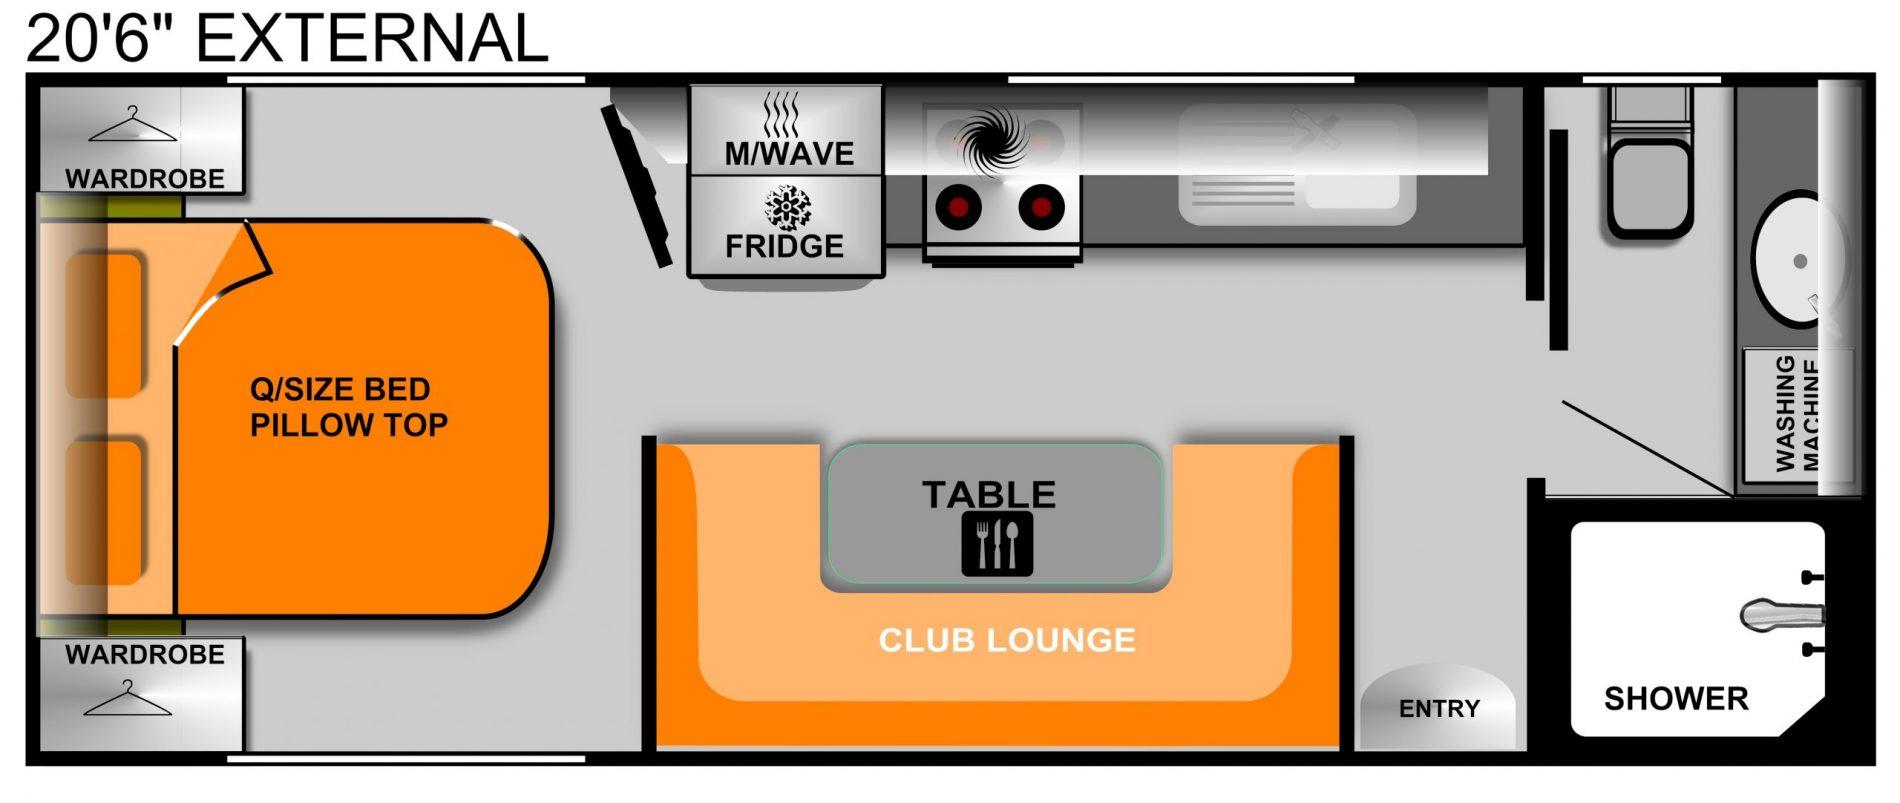 20f6i Rear door Club lounge